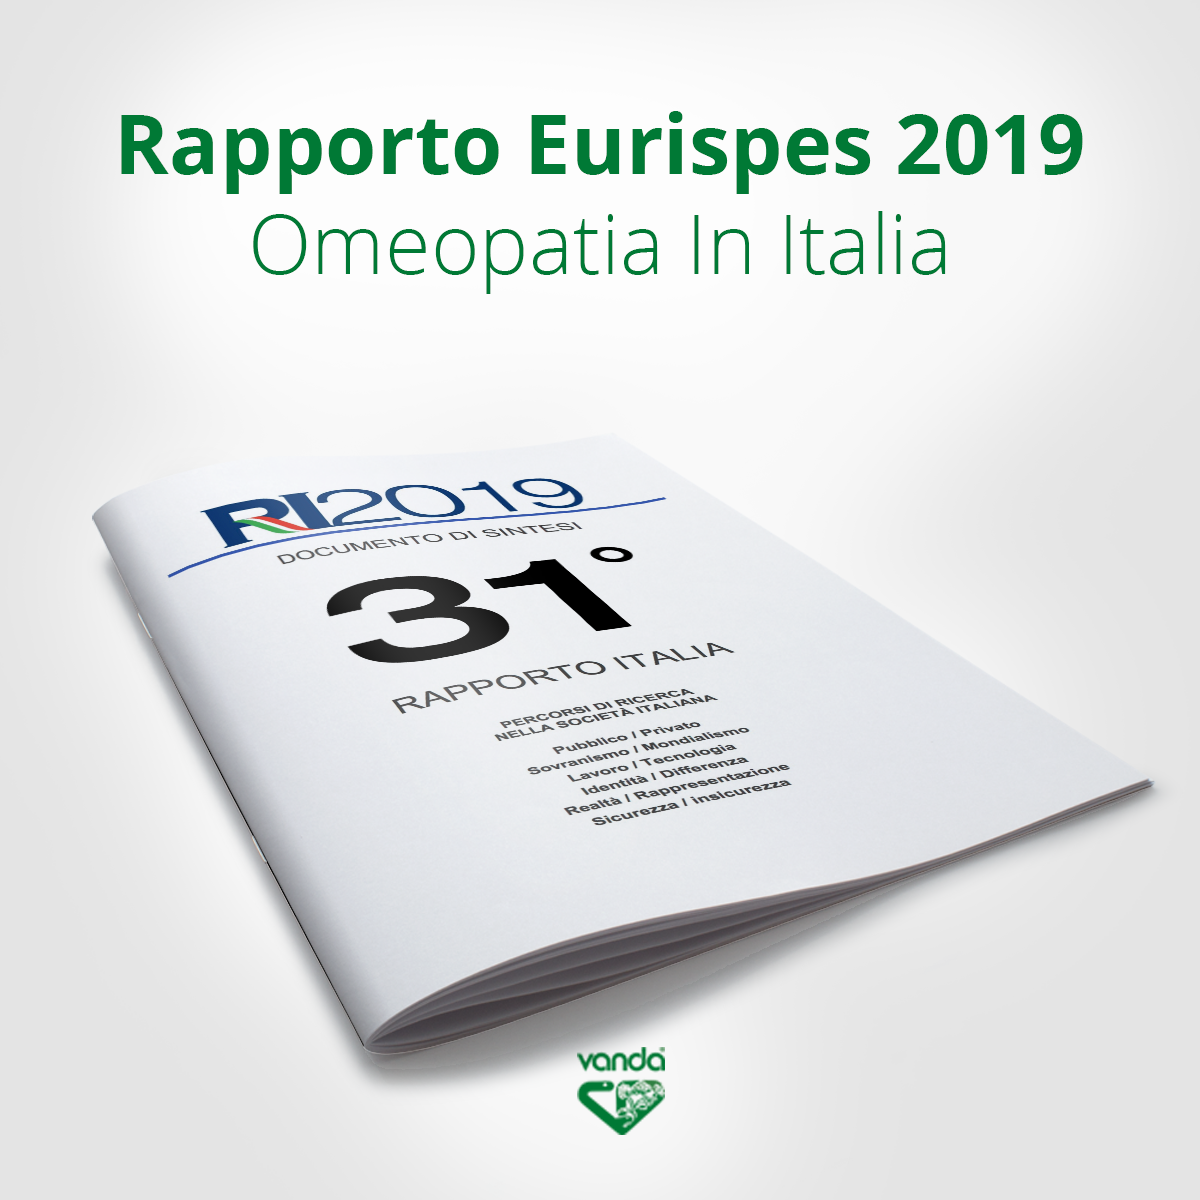 la diffusione dell'omeopatia in italia e nel mondo